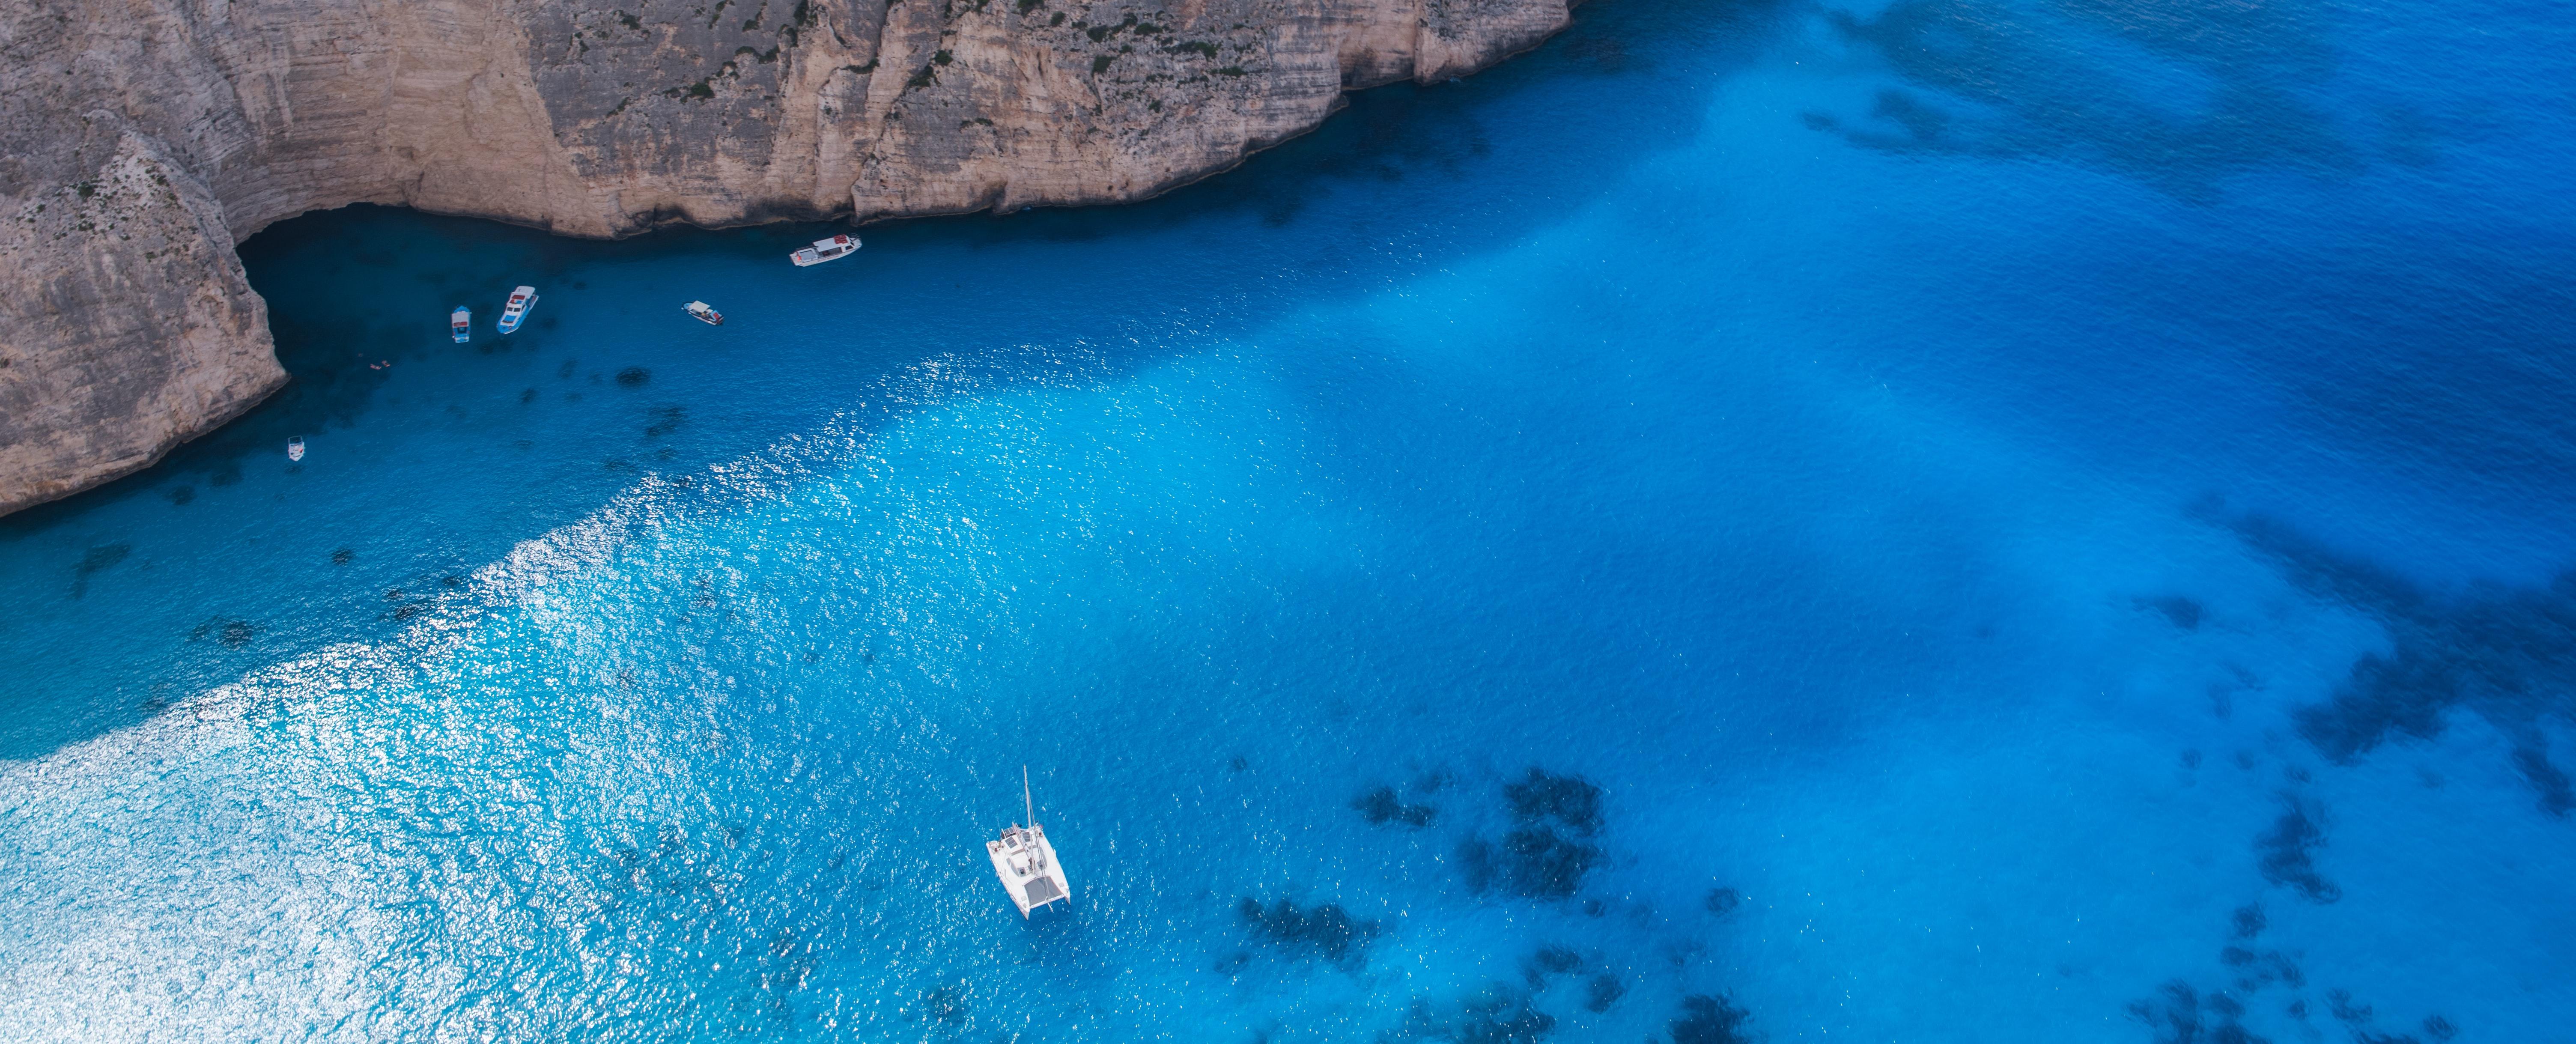 Private Bootsausflüge sind hier ein absolutes Muss. Shippern Sie durch türkisblaues Wasser und lassen Sie sich verzaubern.